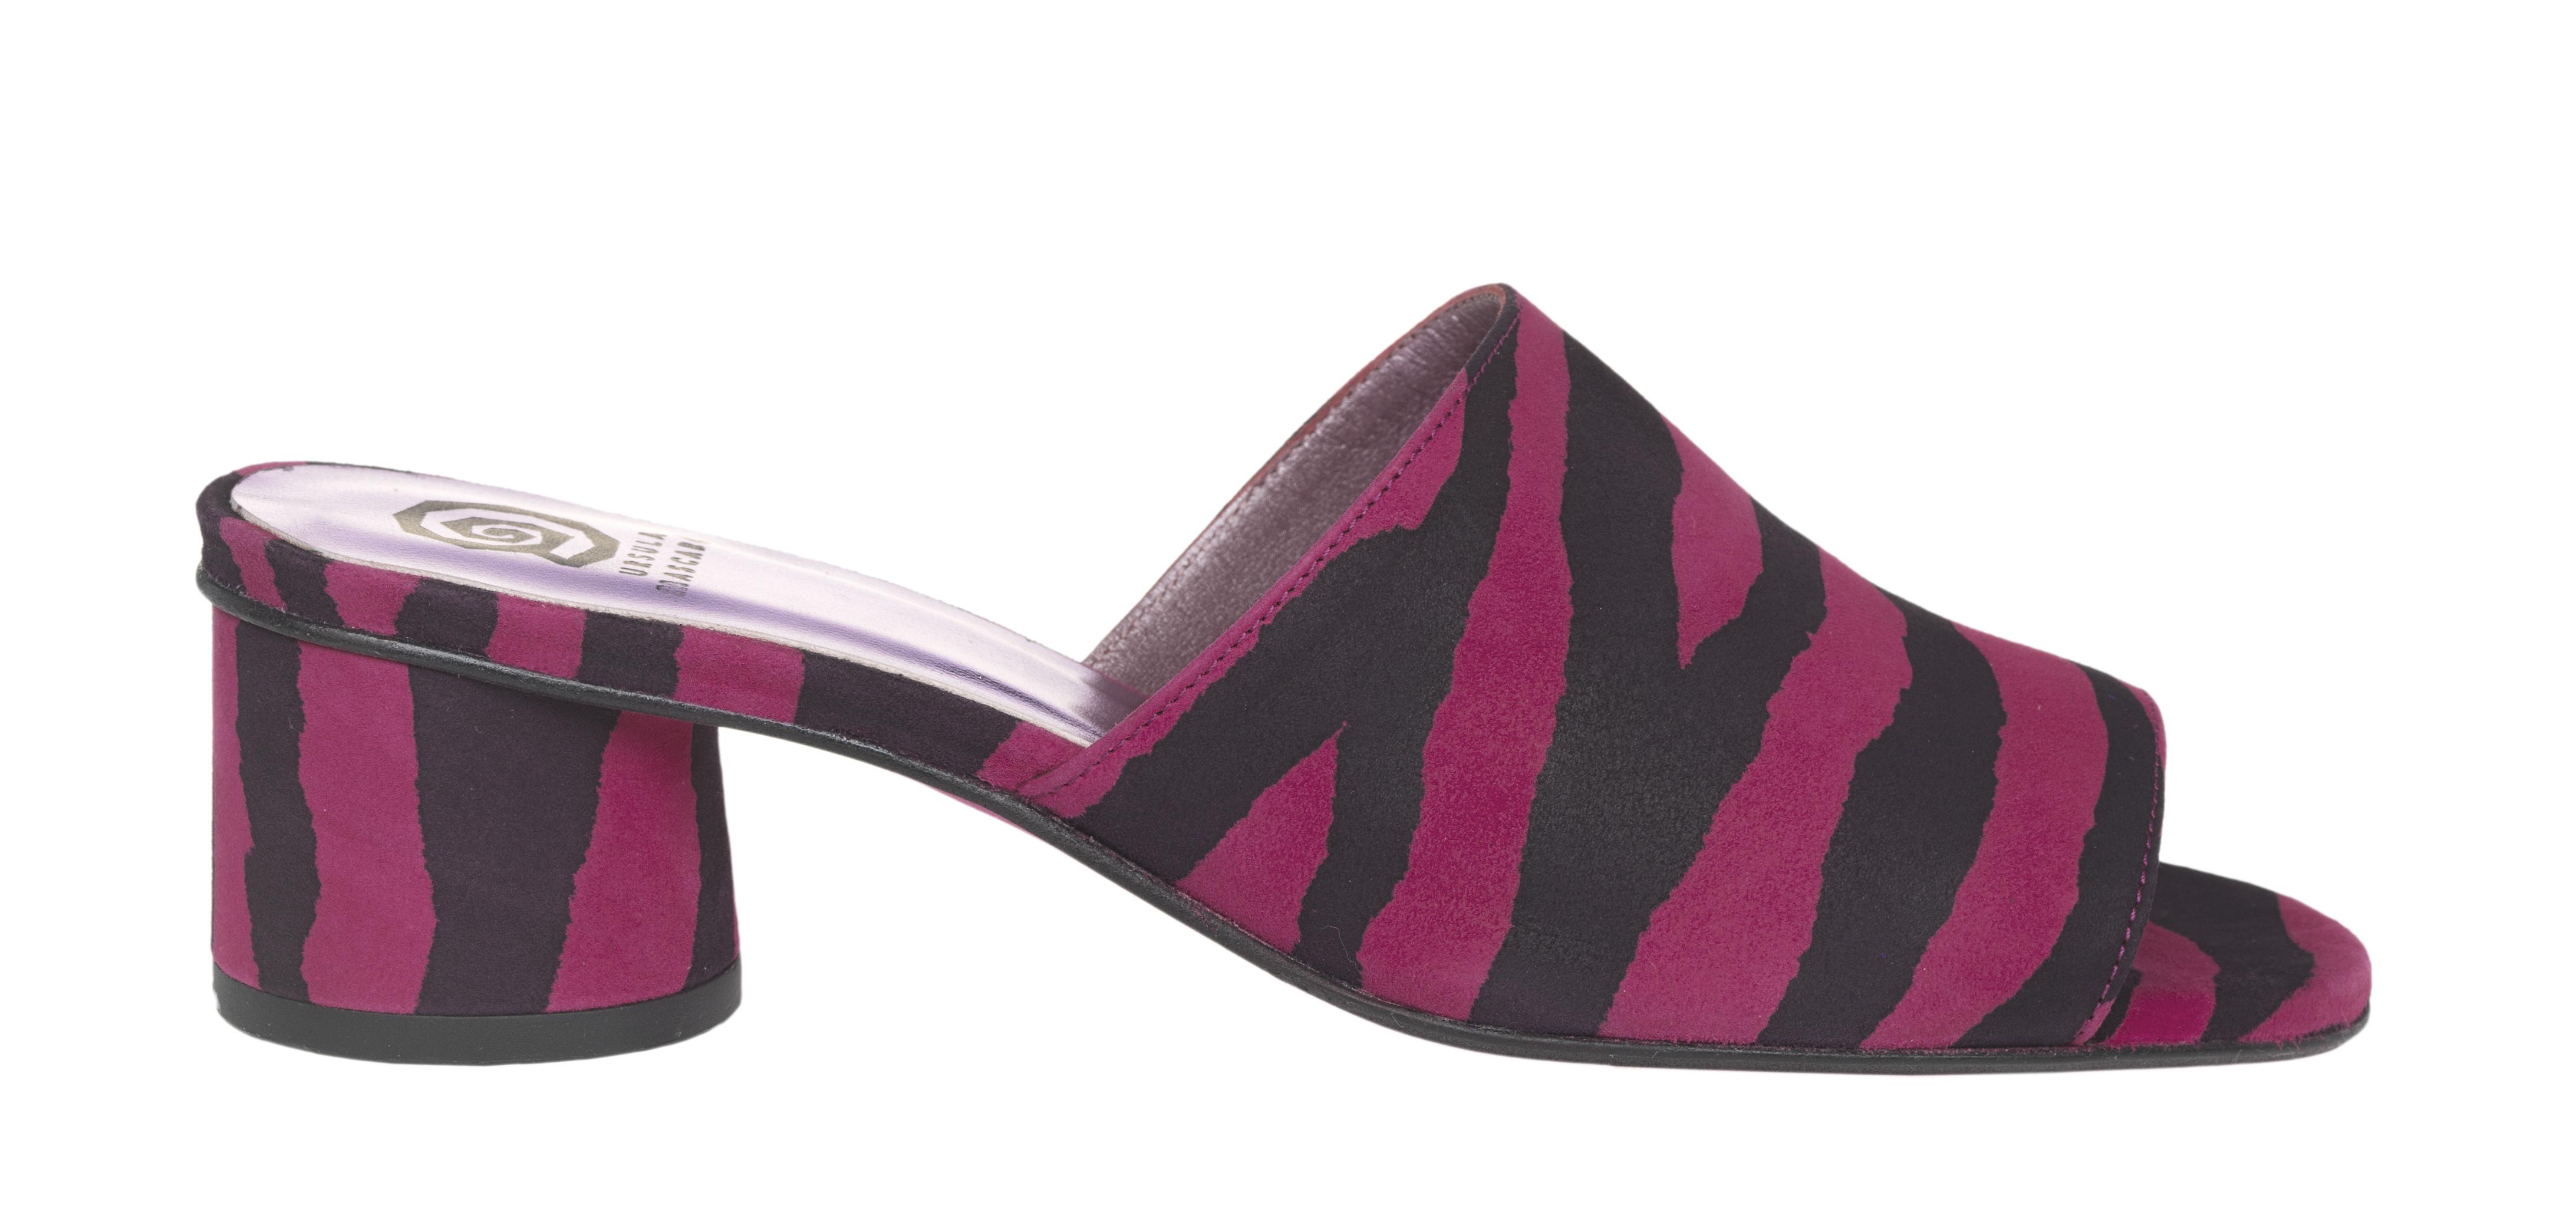 Sandalias de tacón de mujer Úrsula Mascaró en ante con estampado de cebra